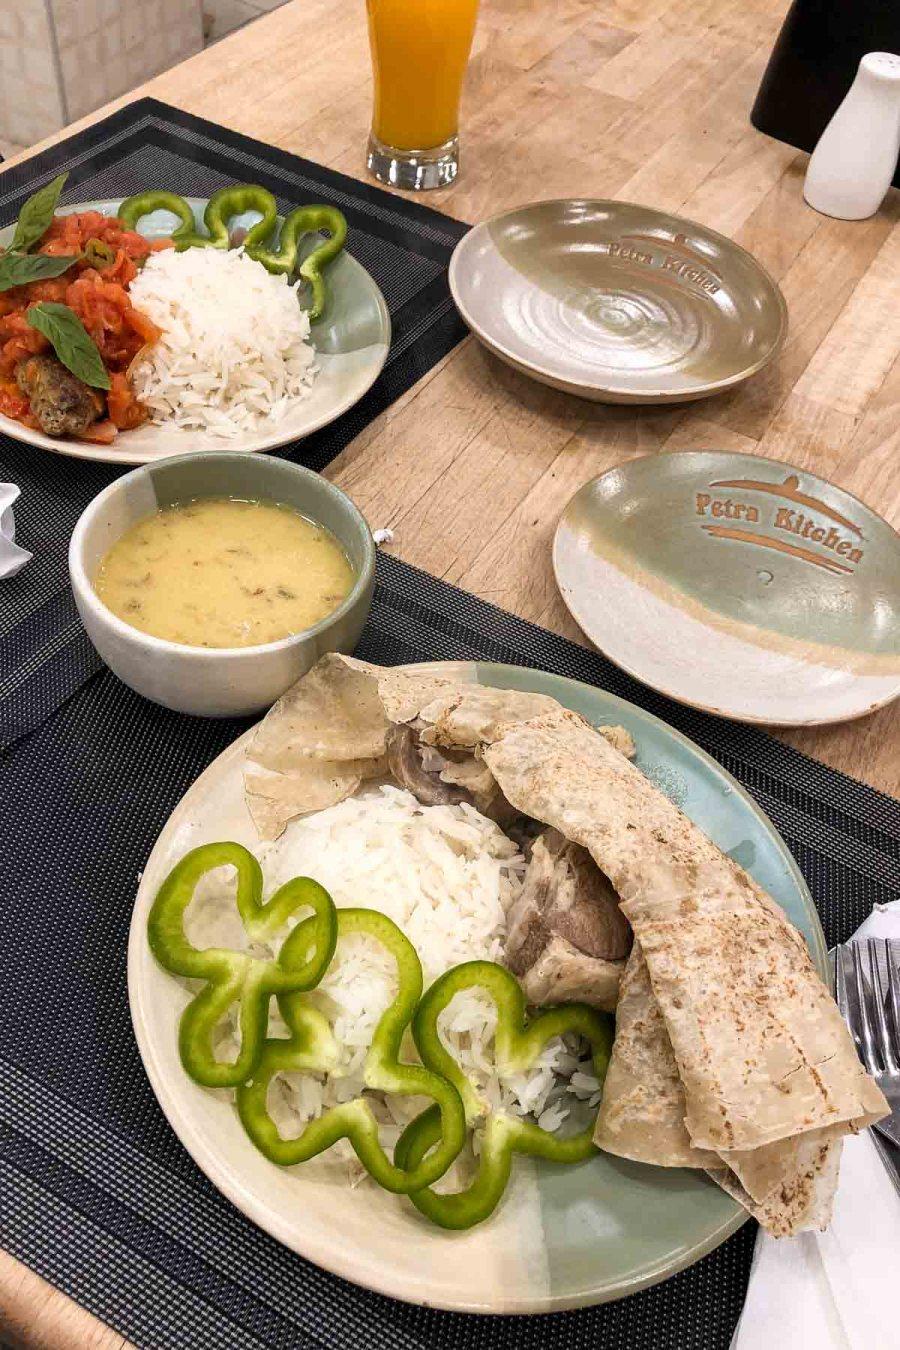 Dinner at the Petra Kitchen in Petra, Jordan